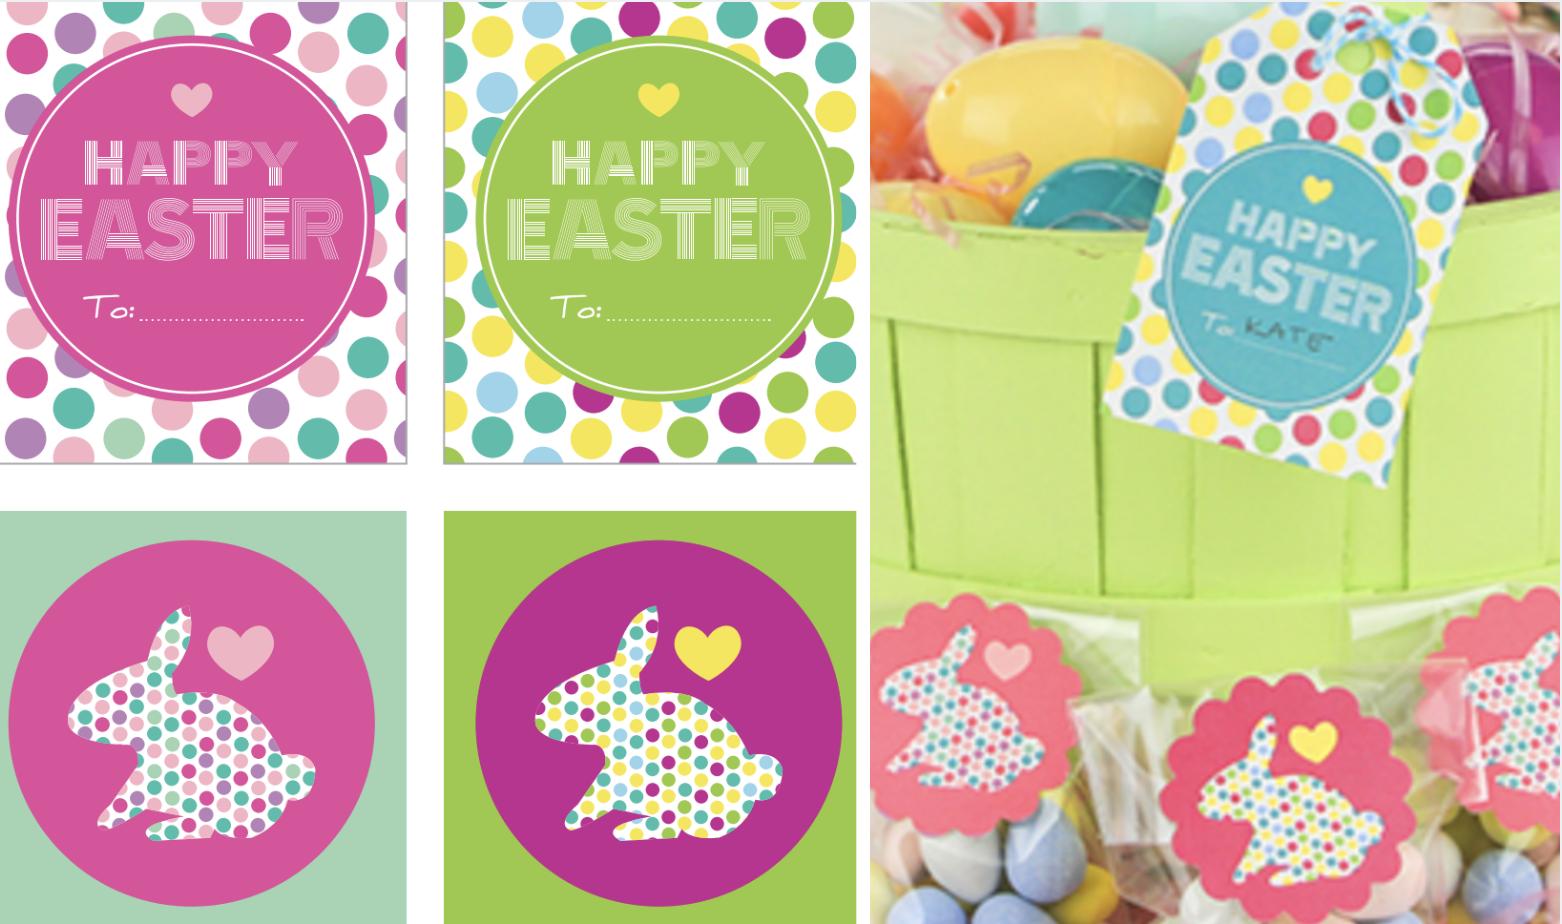 Free printable Easter basket gift tags